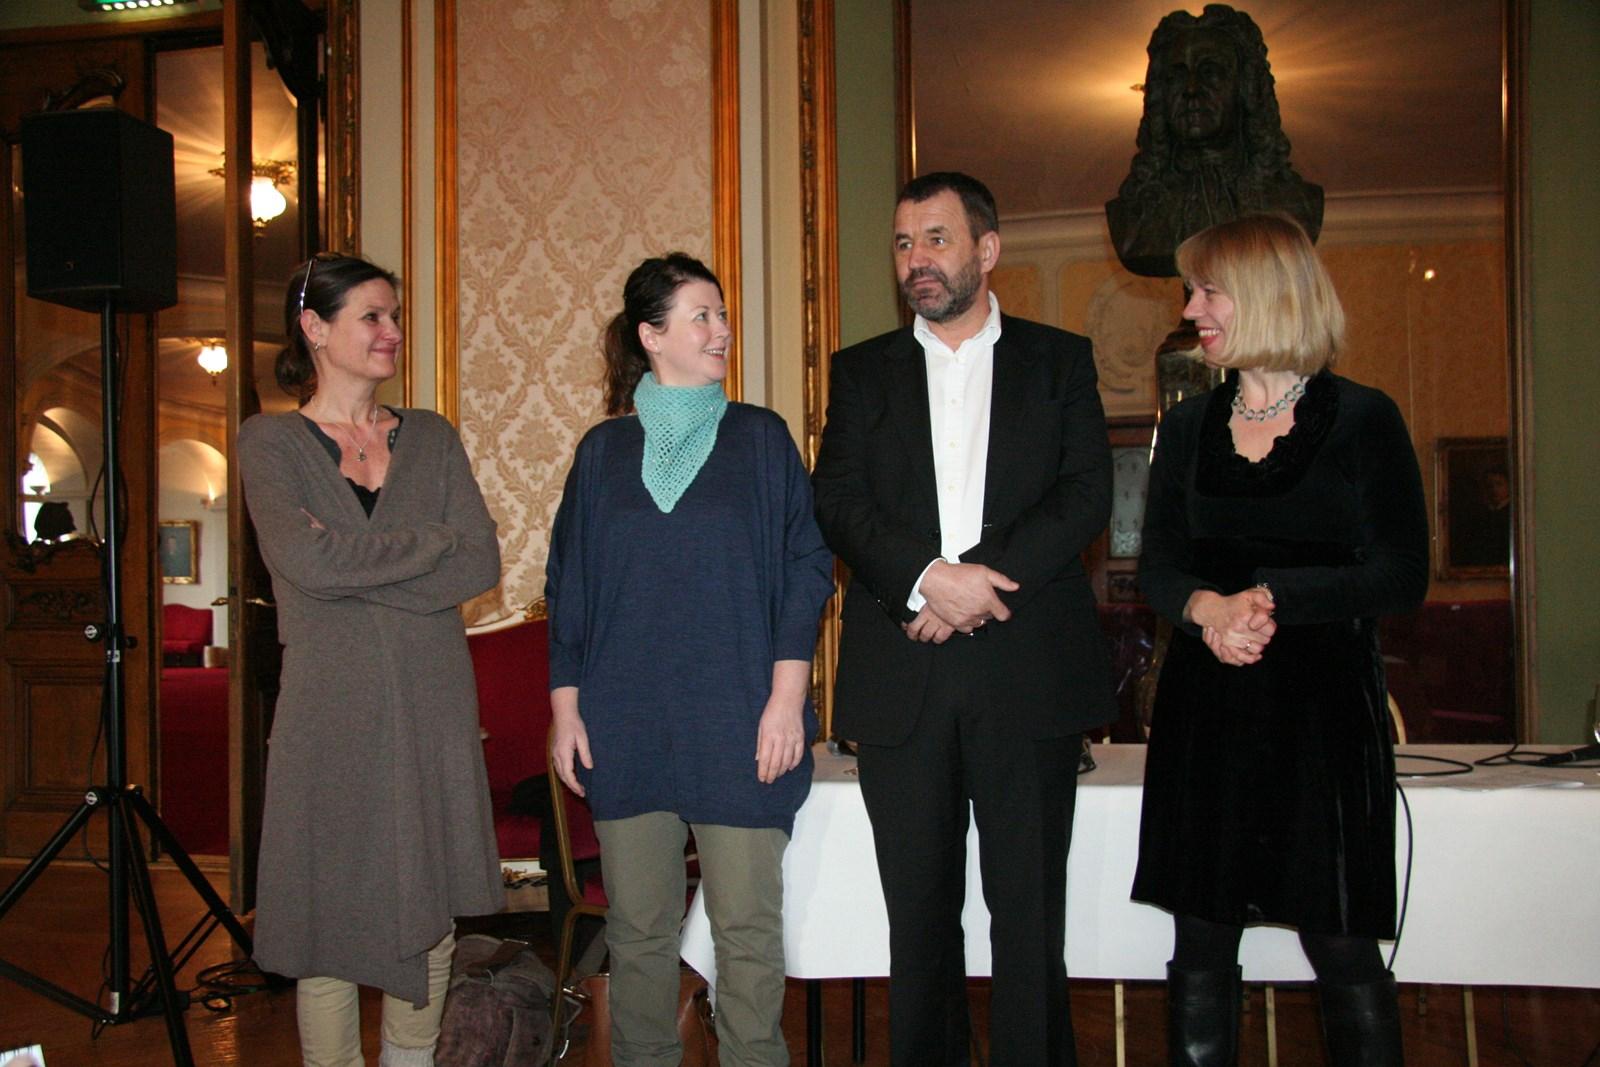 From Left: Therese Bjørneboe, Hanne Tømta, leader Per Boye Hansen and Minister of Culture Anniken Huitfeldt. Photo: Ministry of Culture